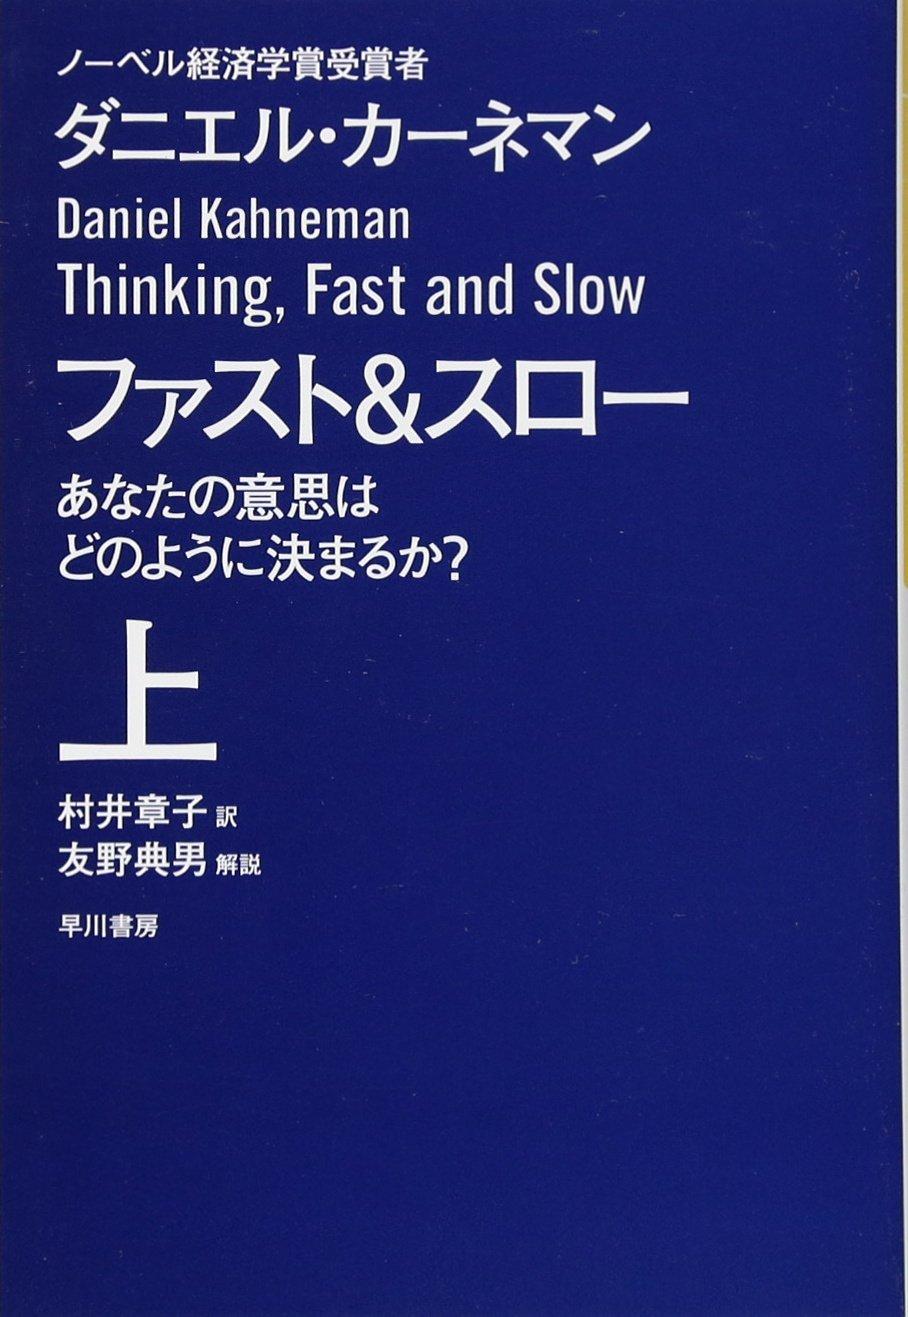 ダニエル・カーネマン(2014)『ファスト&スロー』早川書房